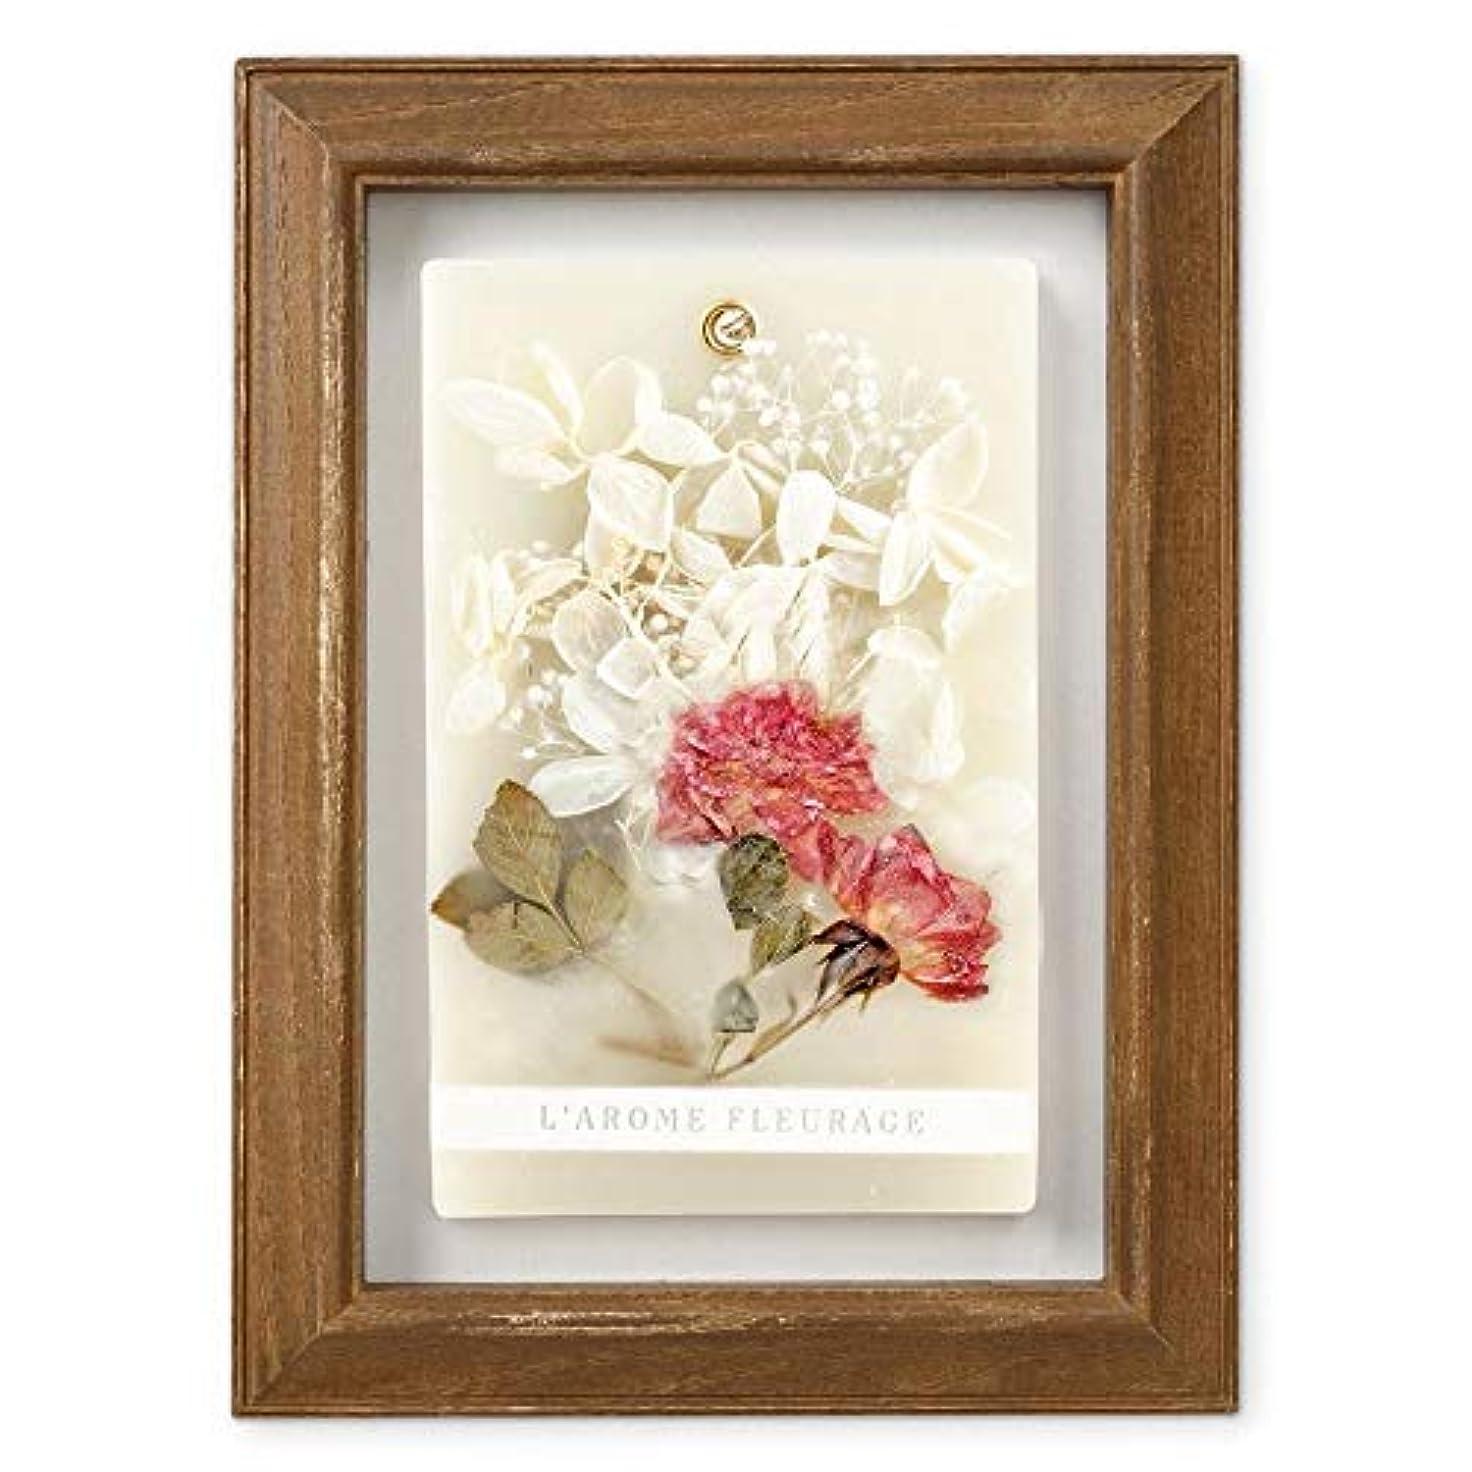 農夫令状動かすFLEURAGE(フルラージュ) アロマワックスサシェ ワイルドローズの香り Rose×AntiqueBrown KH-61122